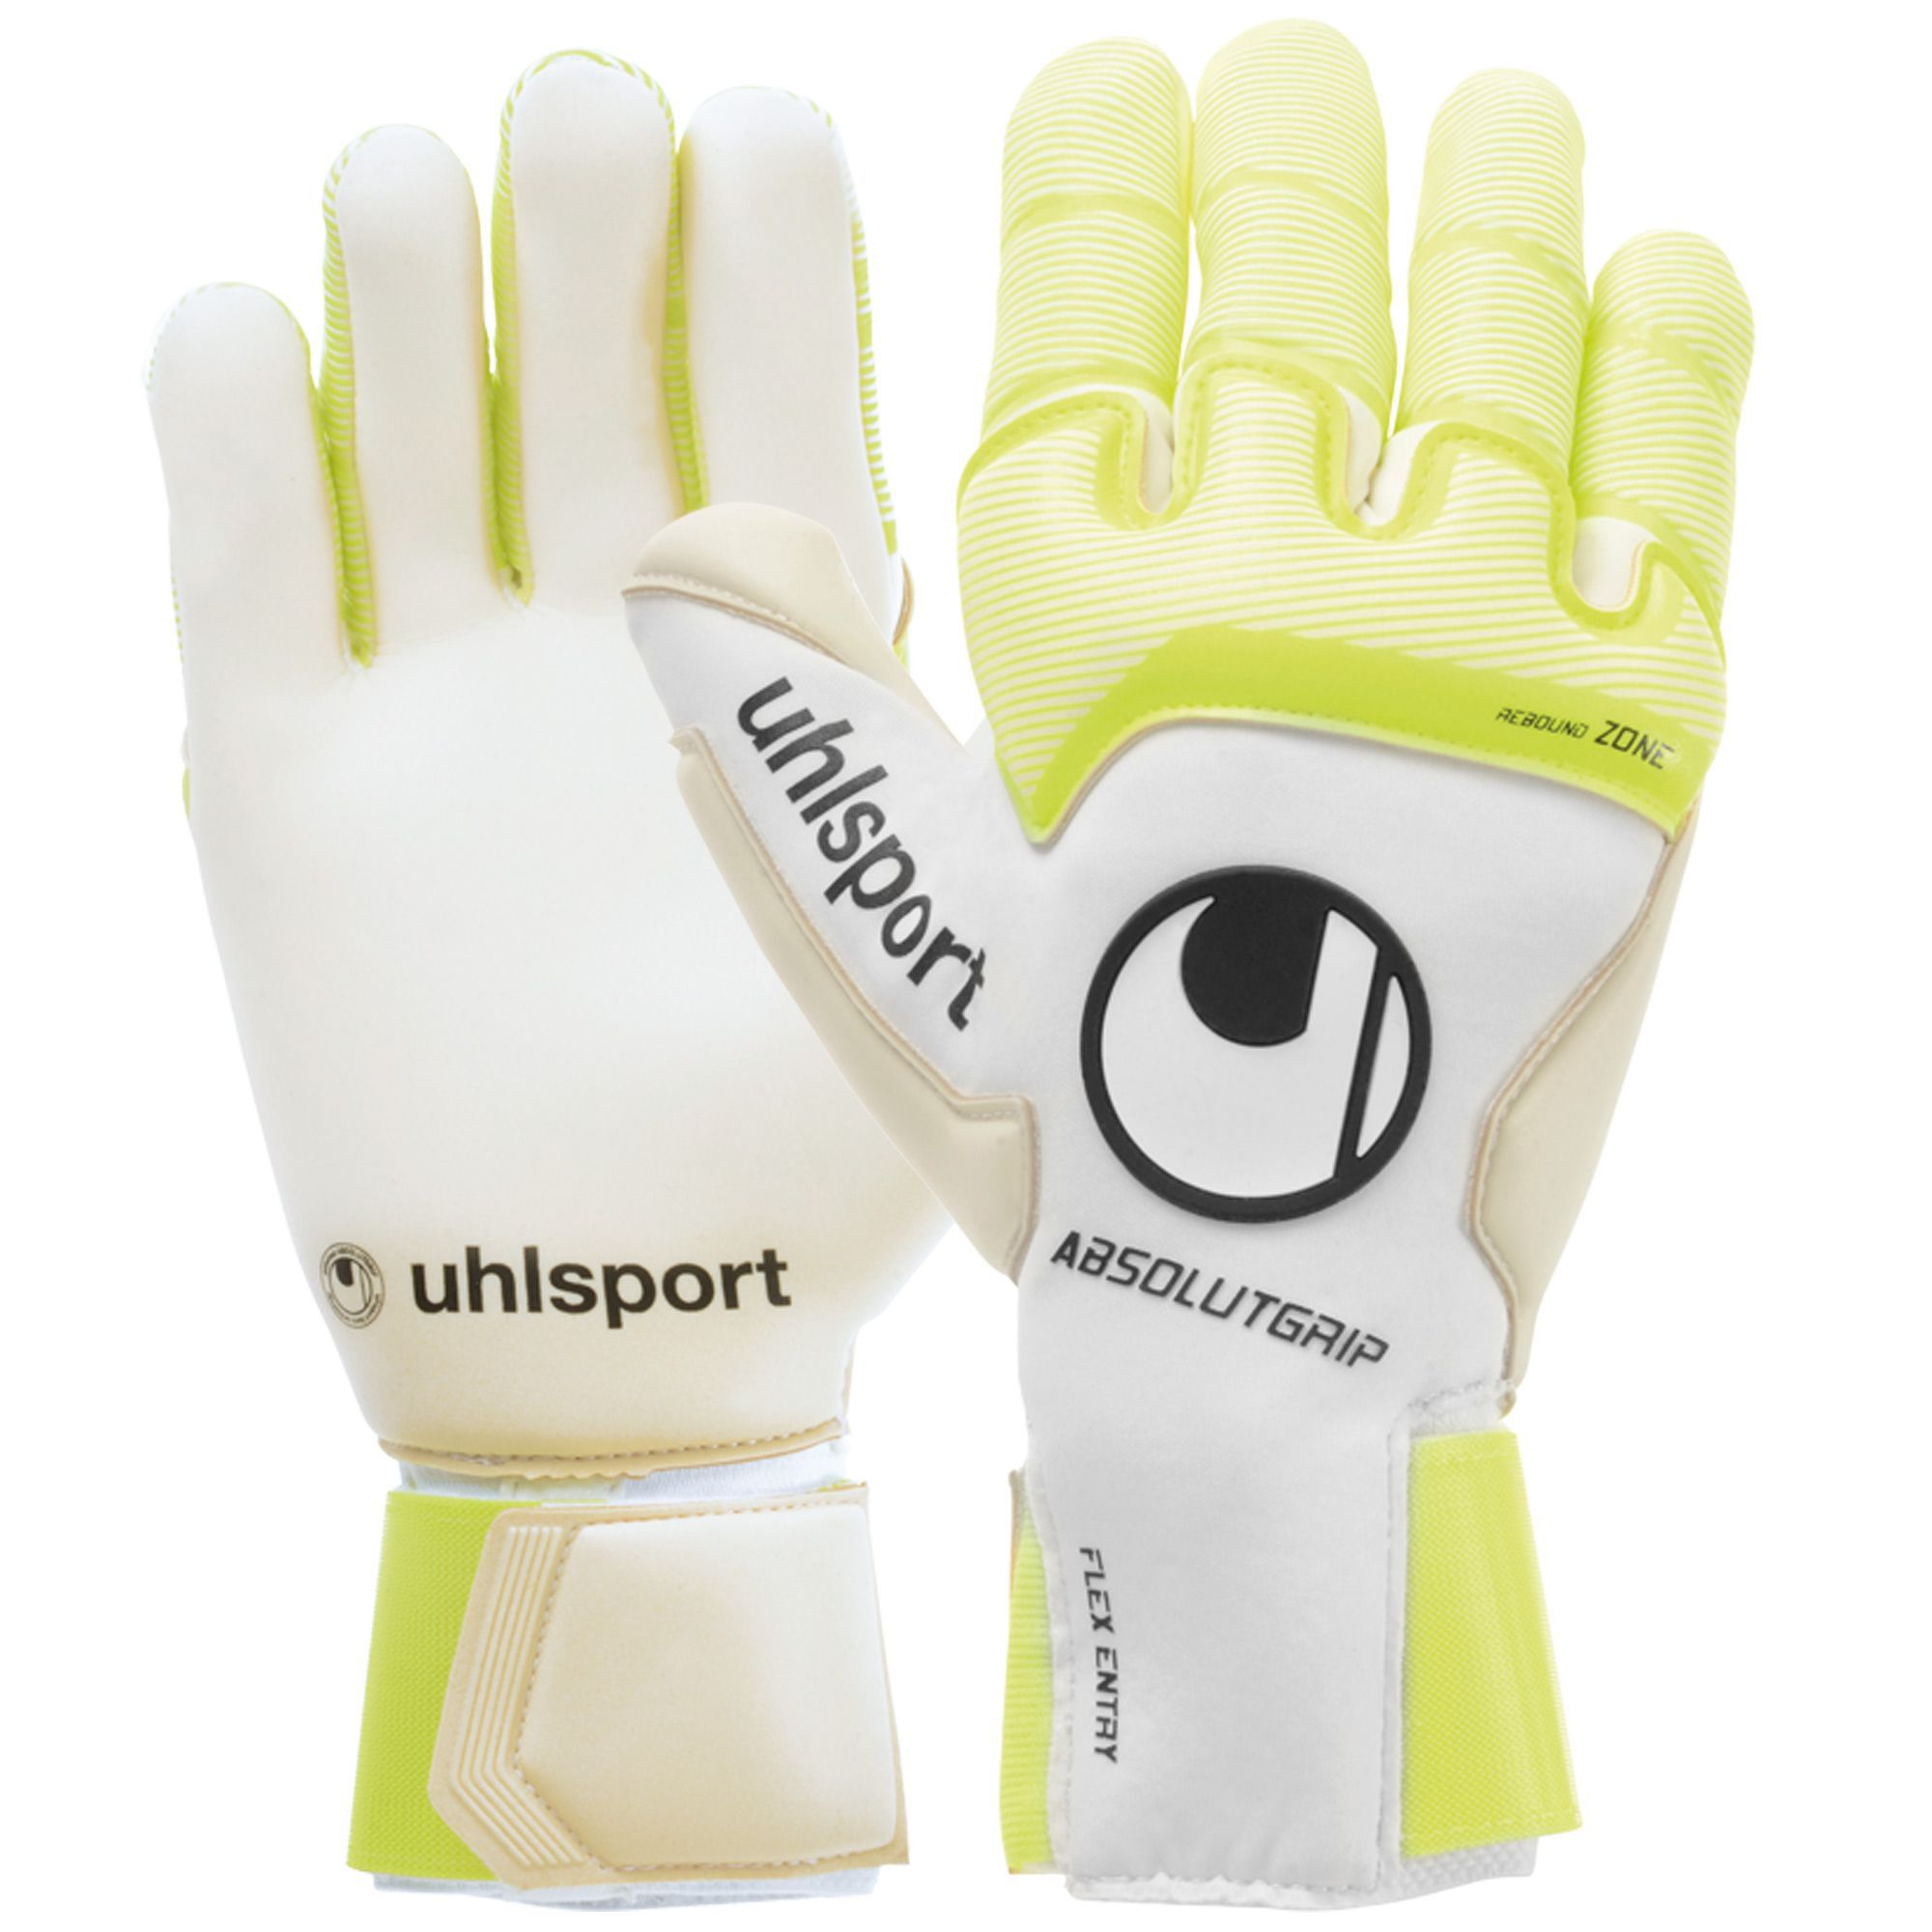 Gants Uhlsport Pure Alliance Absolutgrip Reflex 2020